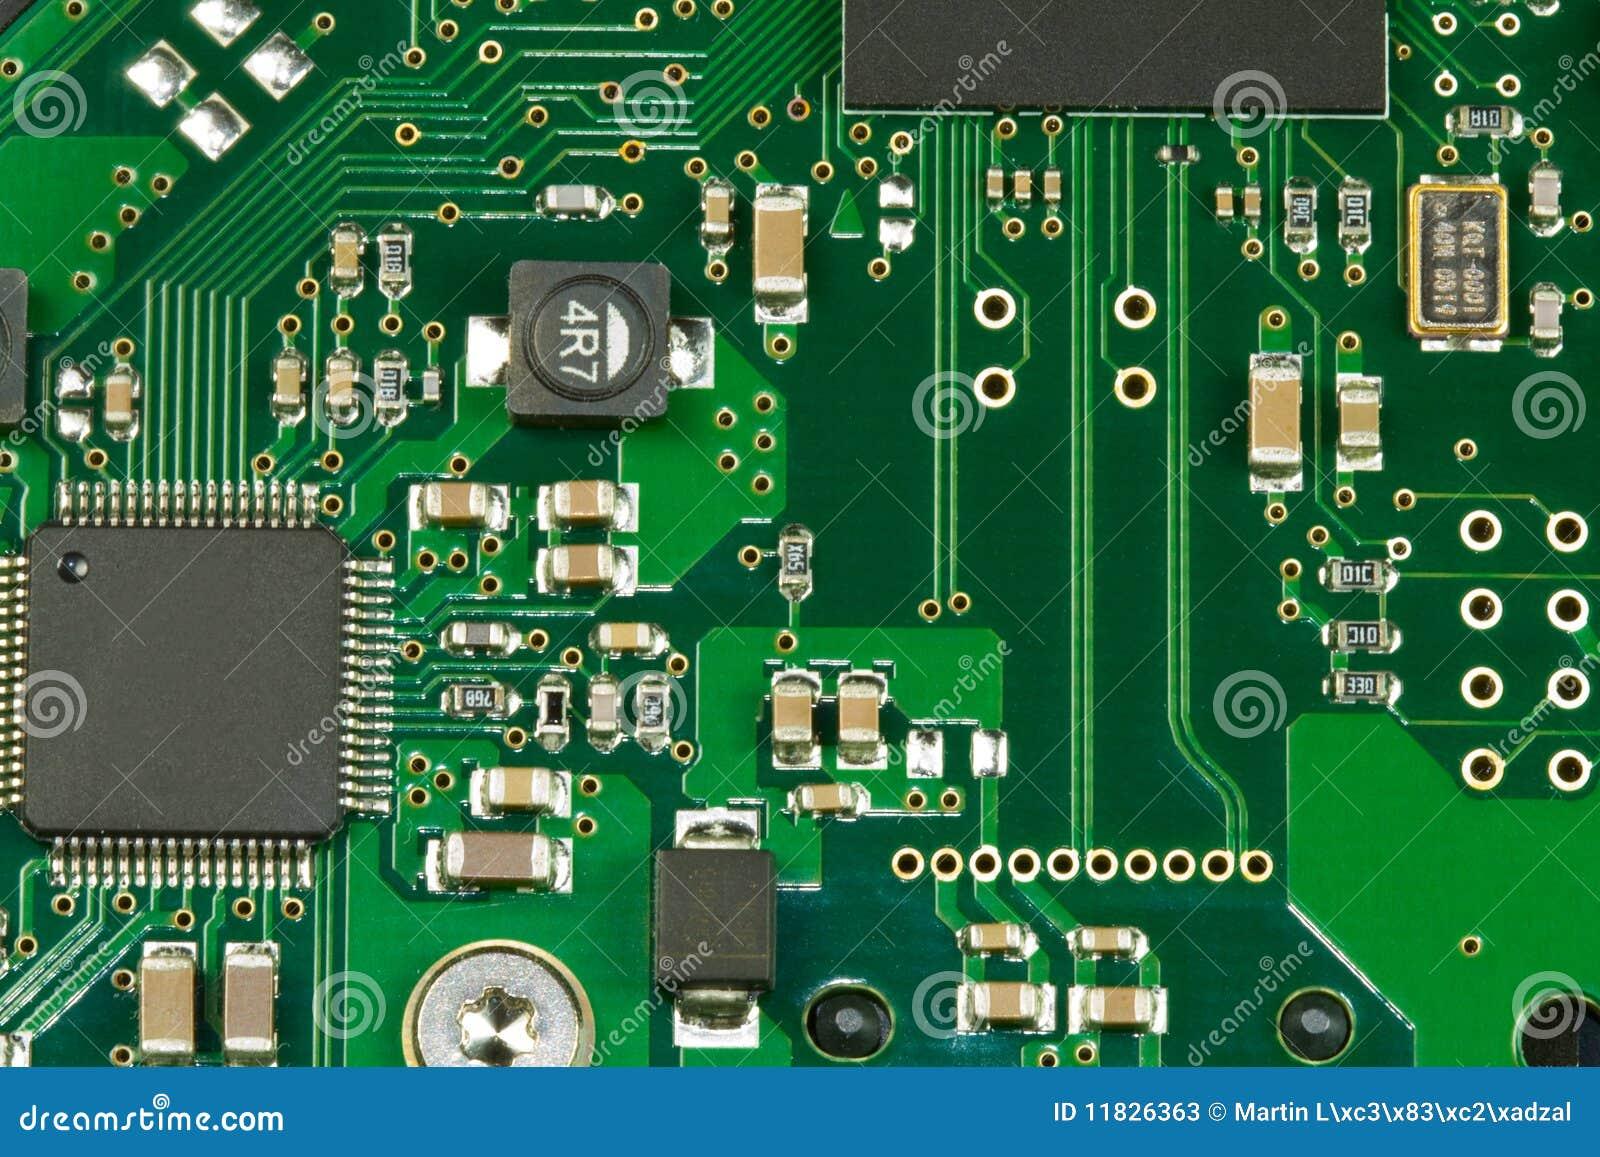 free download circuit maker 2000 elcetronic circuitBeginner39s Metal Detector Kit #10